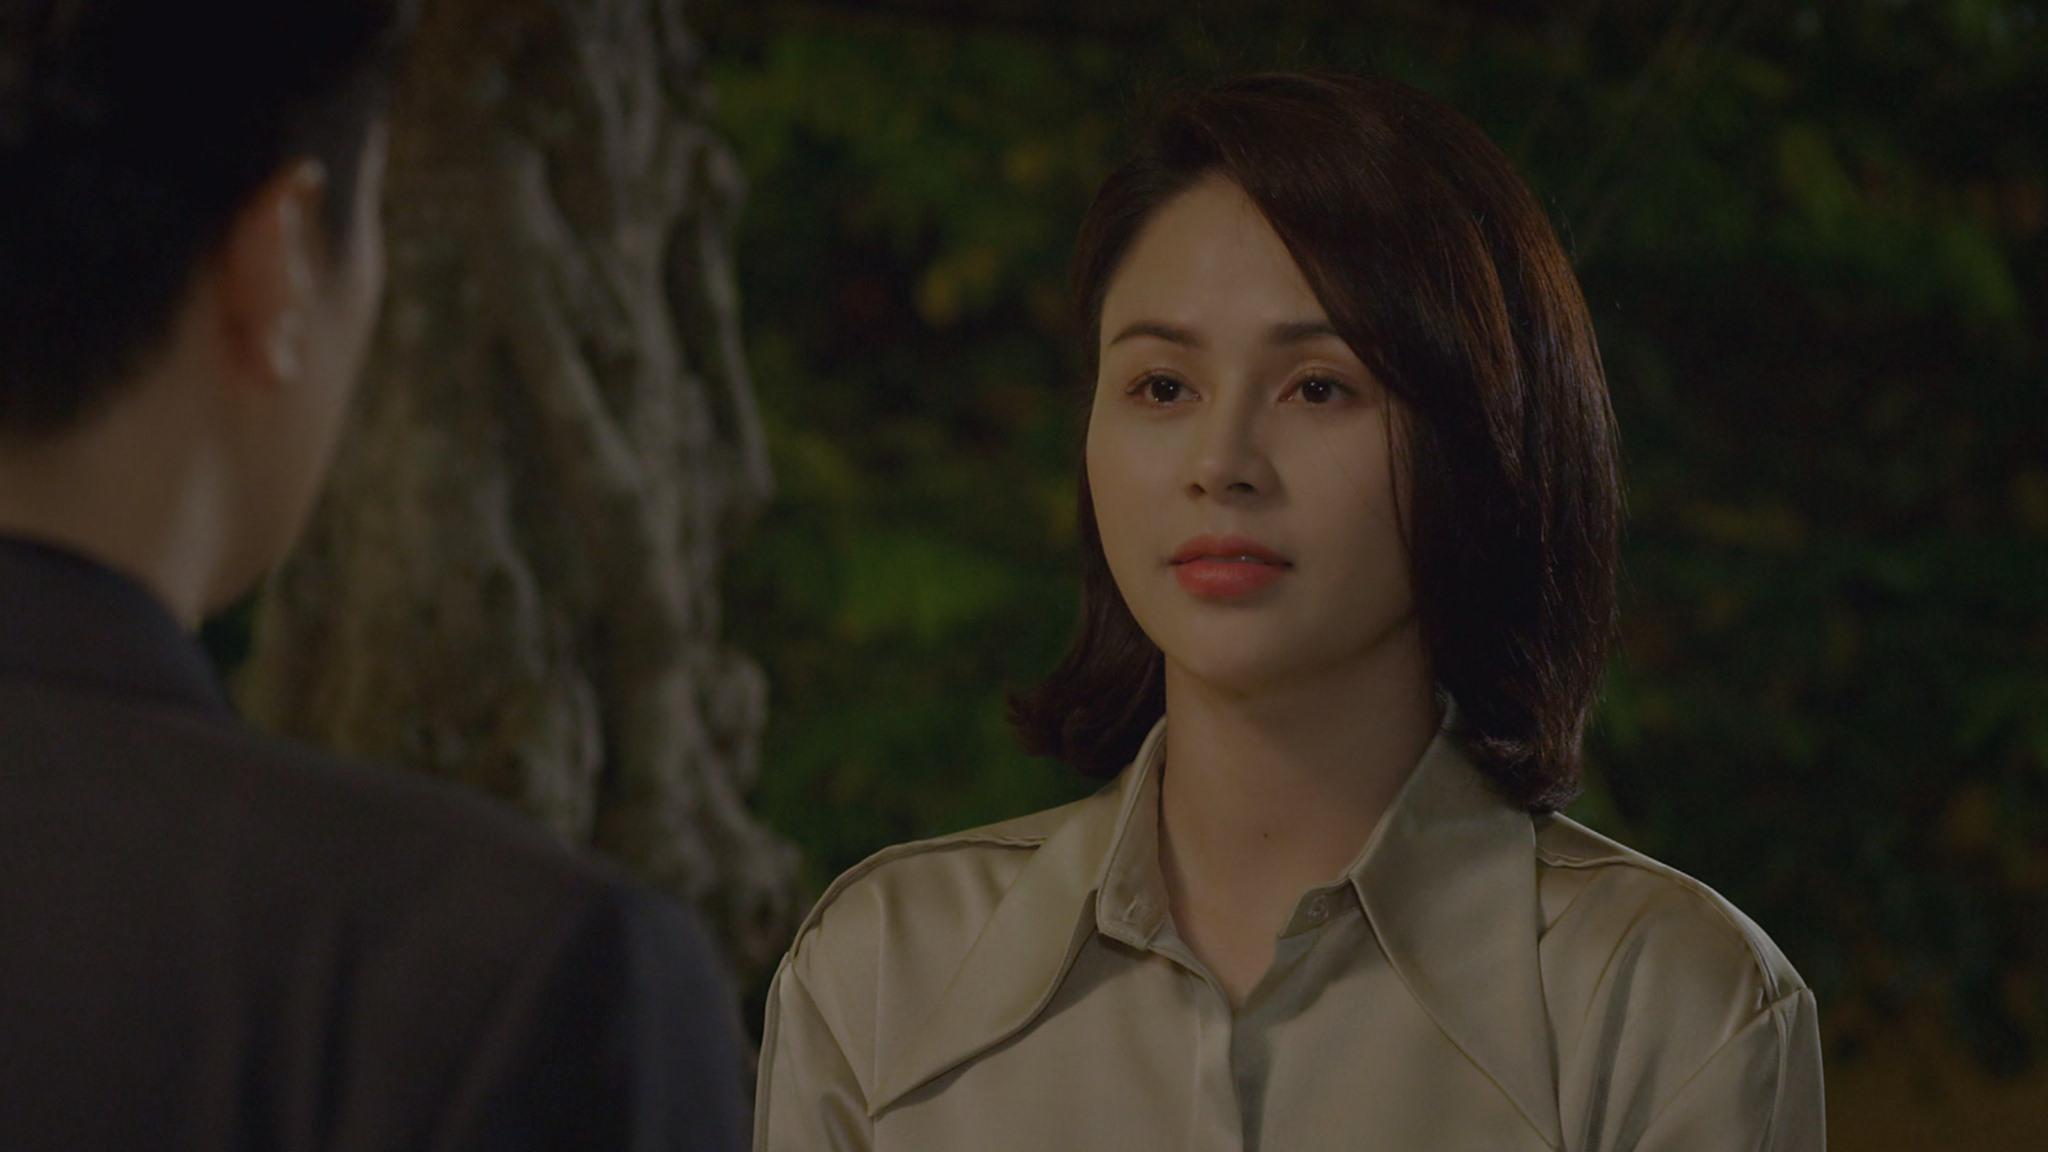 'Hướng dương ngược nắng': Sẽ có màn khóa môi ngọt ngào của Minh và Hoàng ở tập 67 0